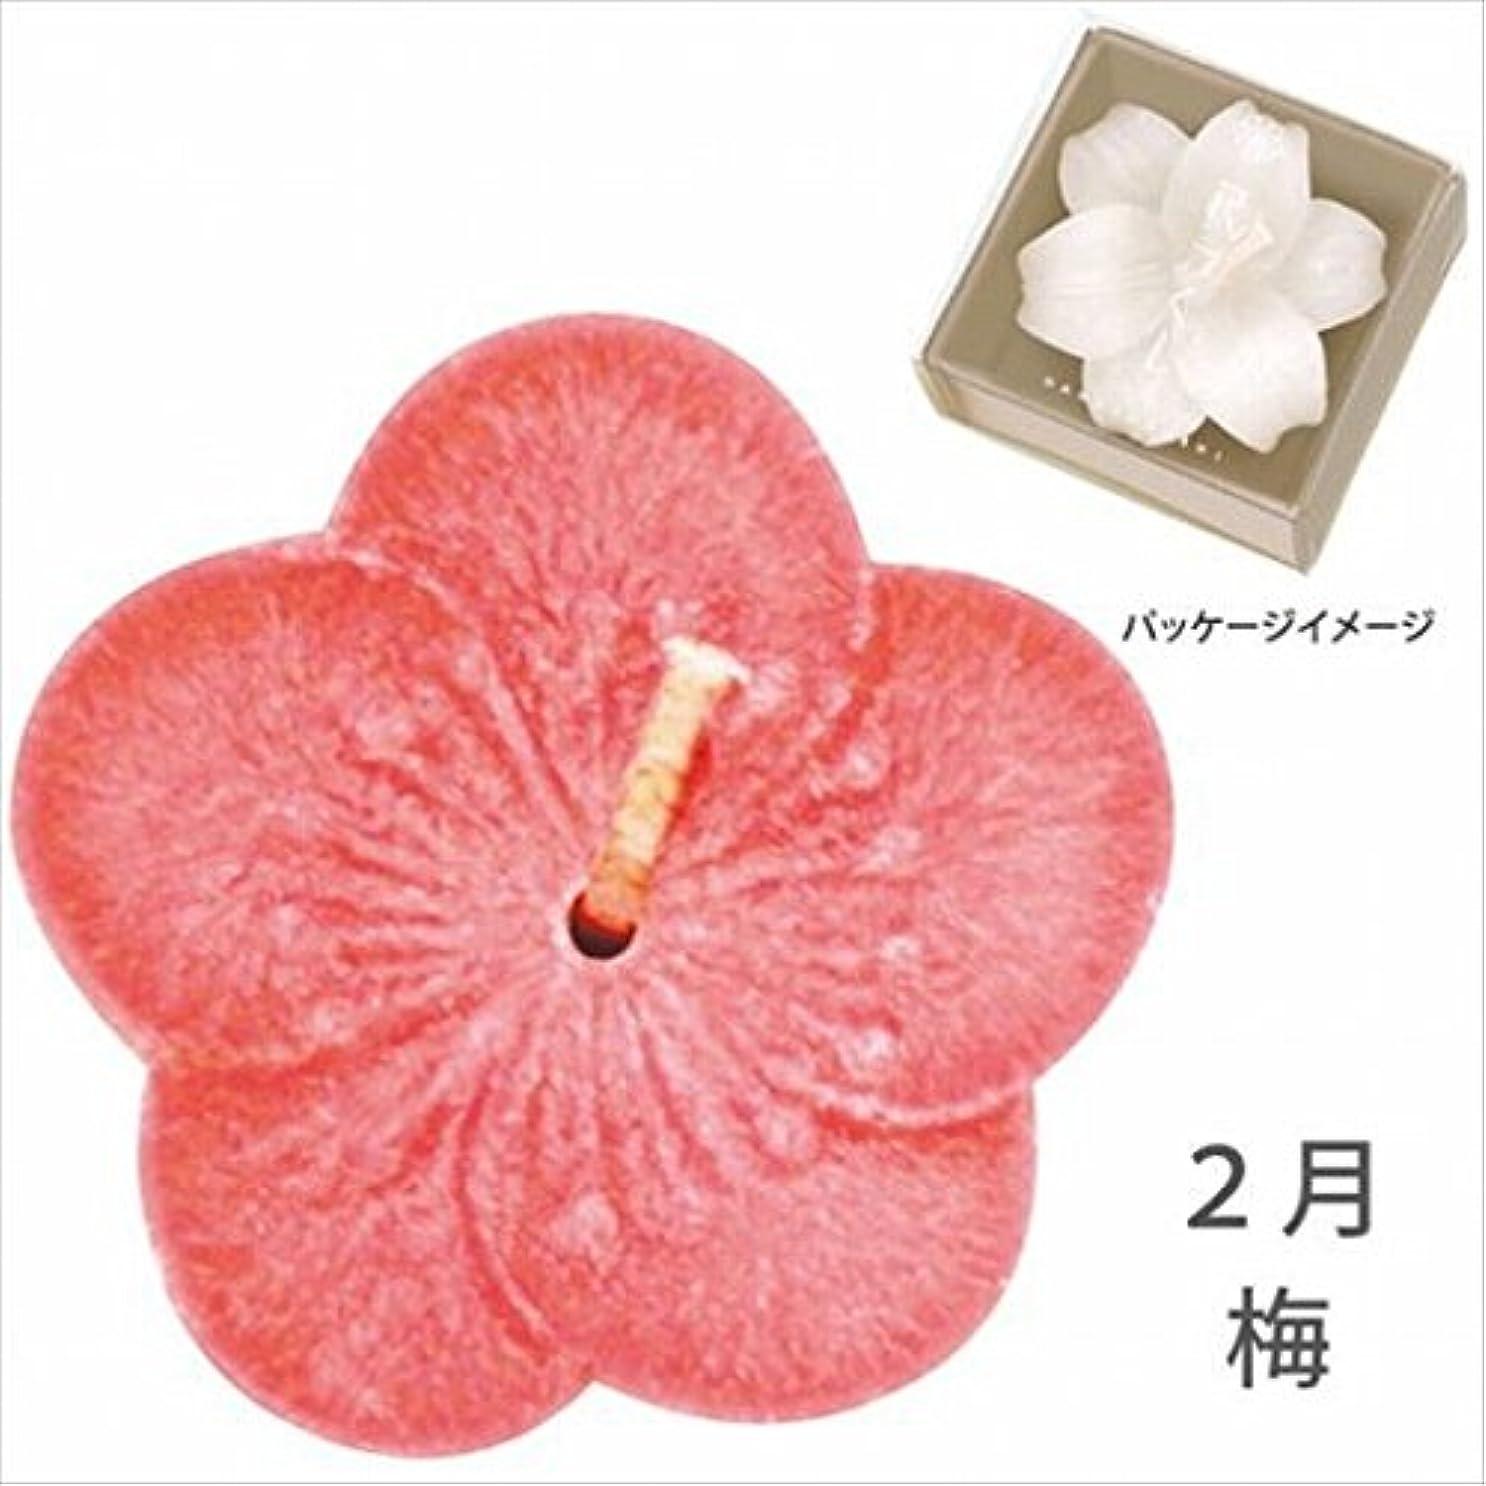 耐えられるメルボルン逃すカメヤマキャンドル( kameyama candle ) 花づくし(植物性) 梅 「 梅(2月) 」 キャンドル